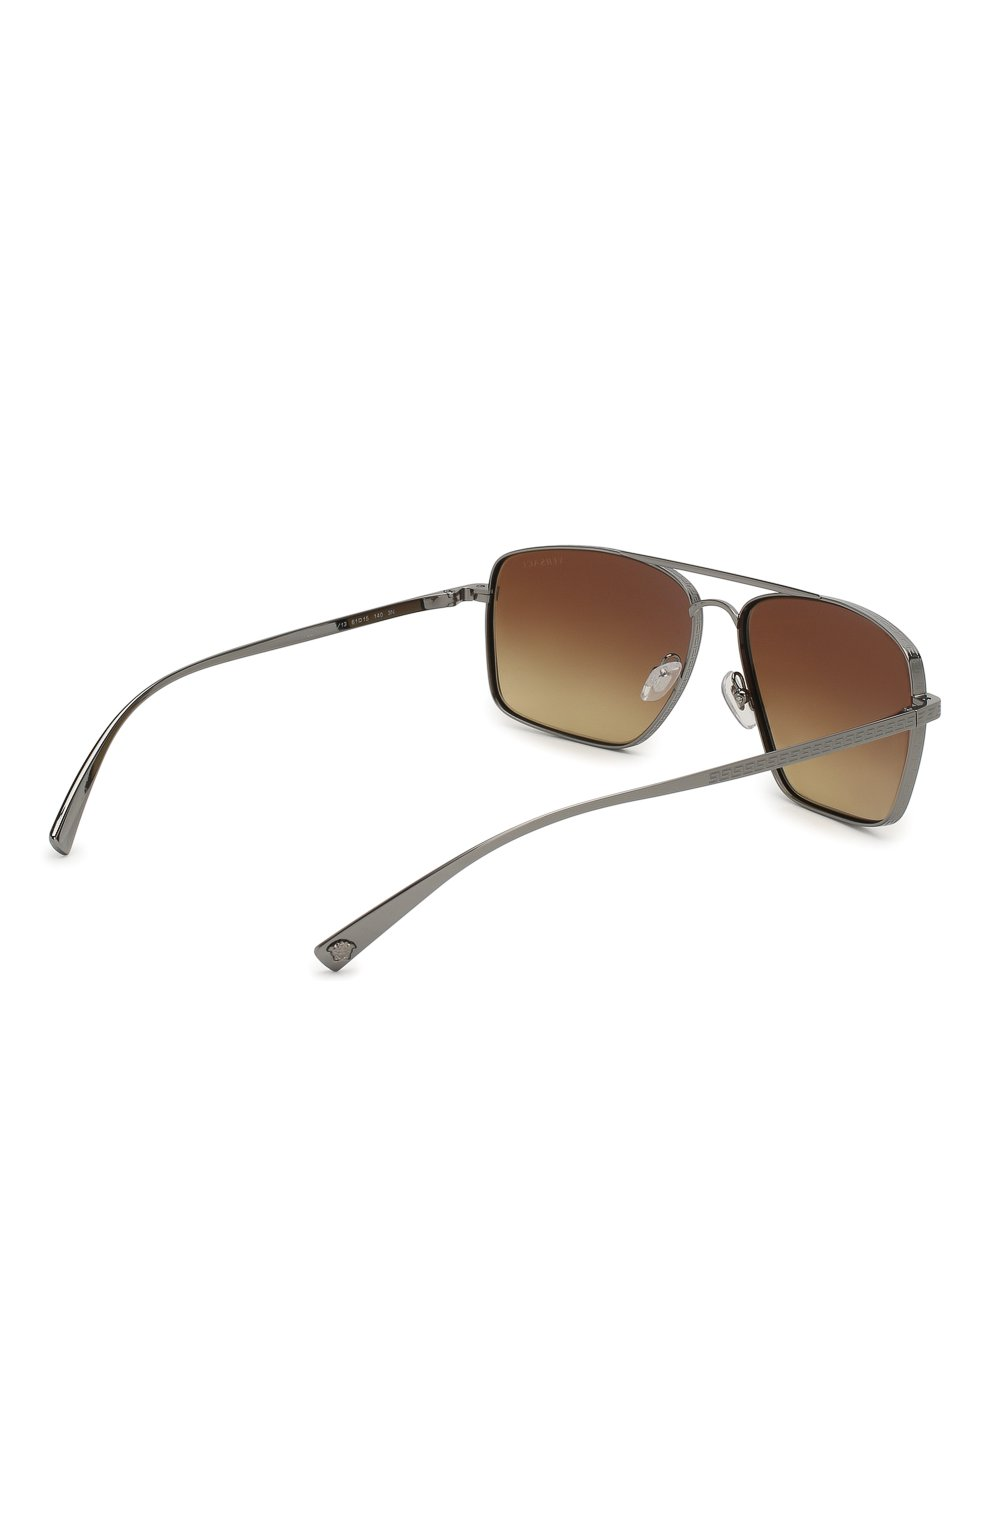 Женские солнцезащитные очки VERSACE коричневого цвета, арт. 2216-100113   Фото 5